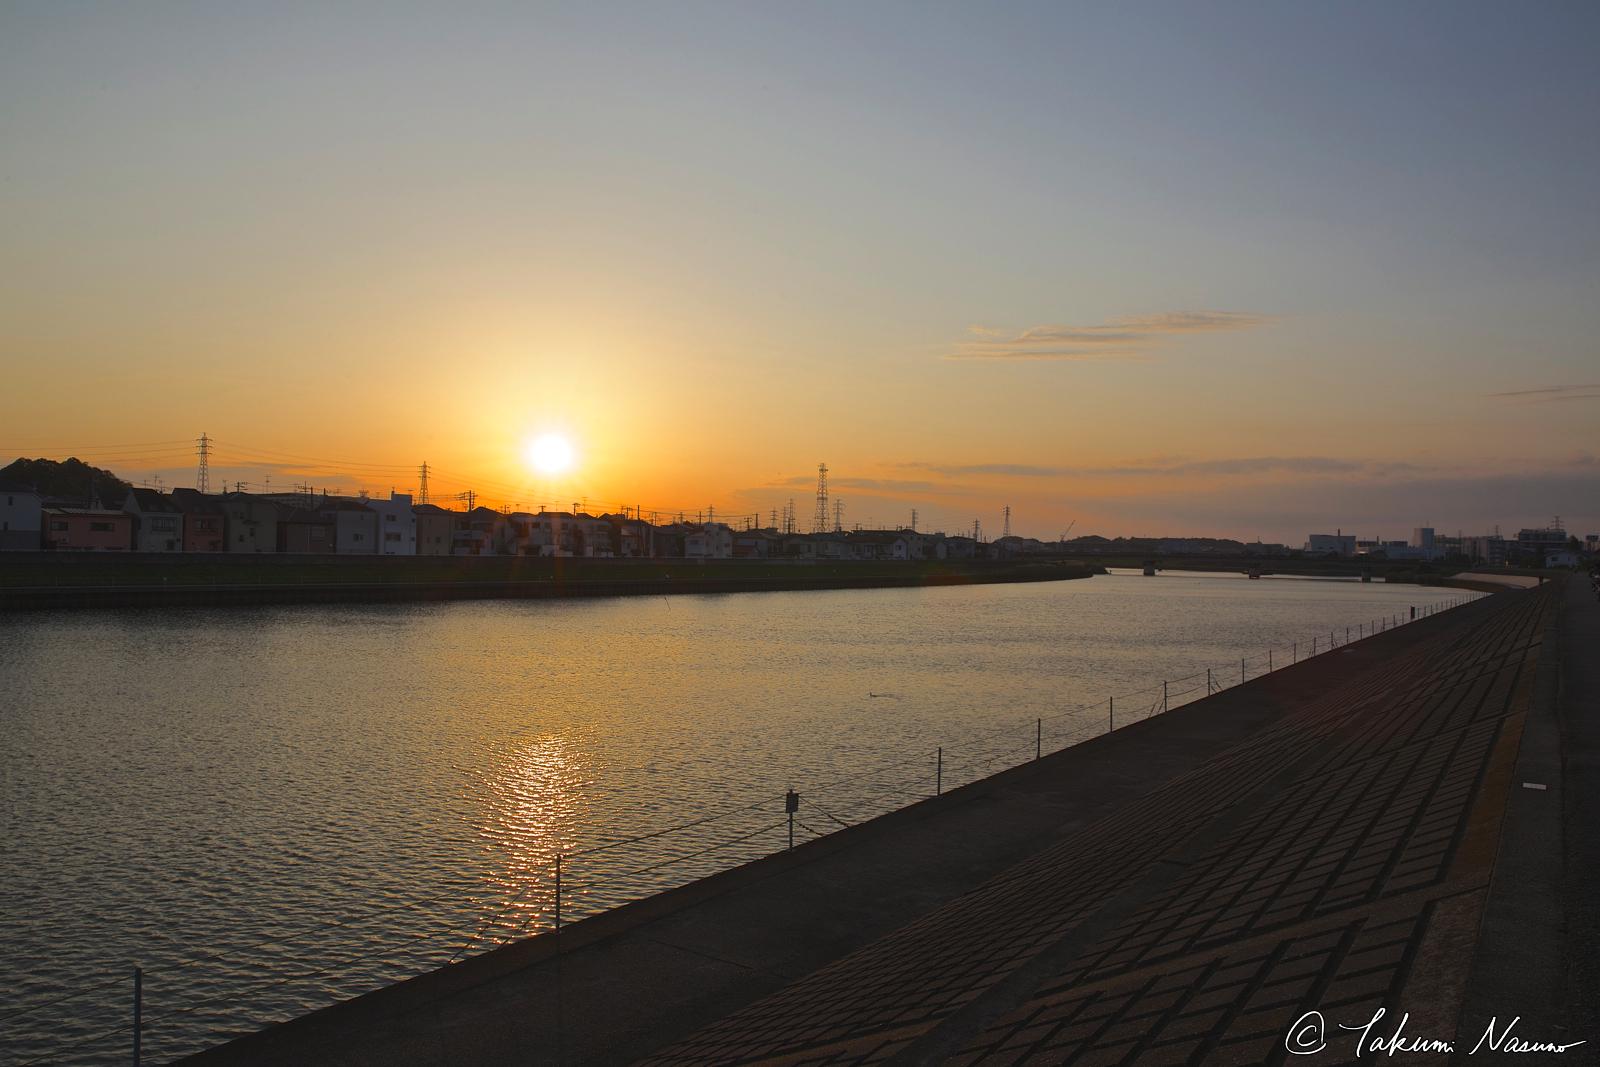 Tsurumi_Tsurumi-River_w02